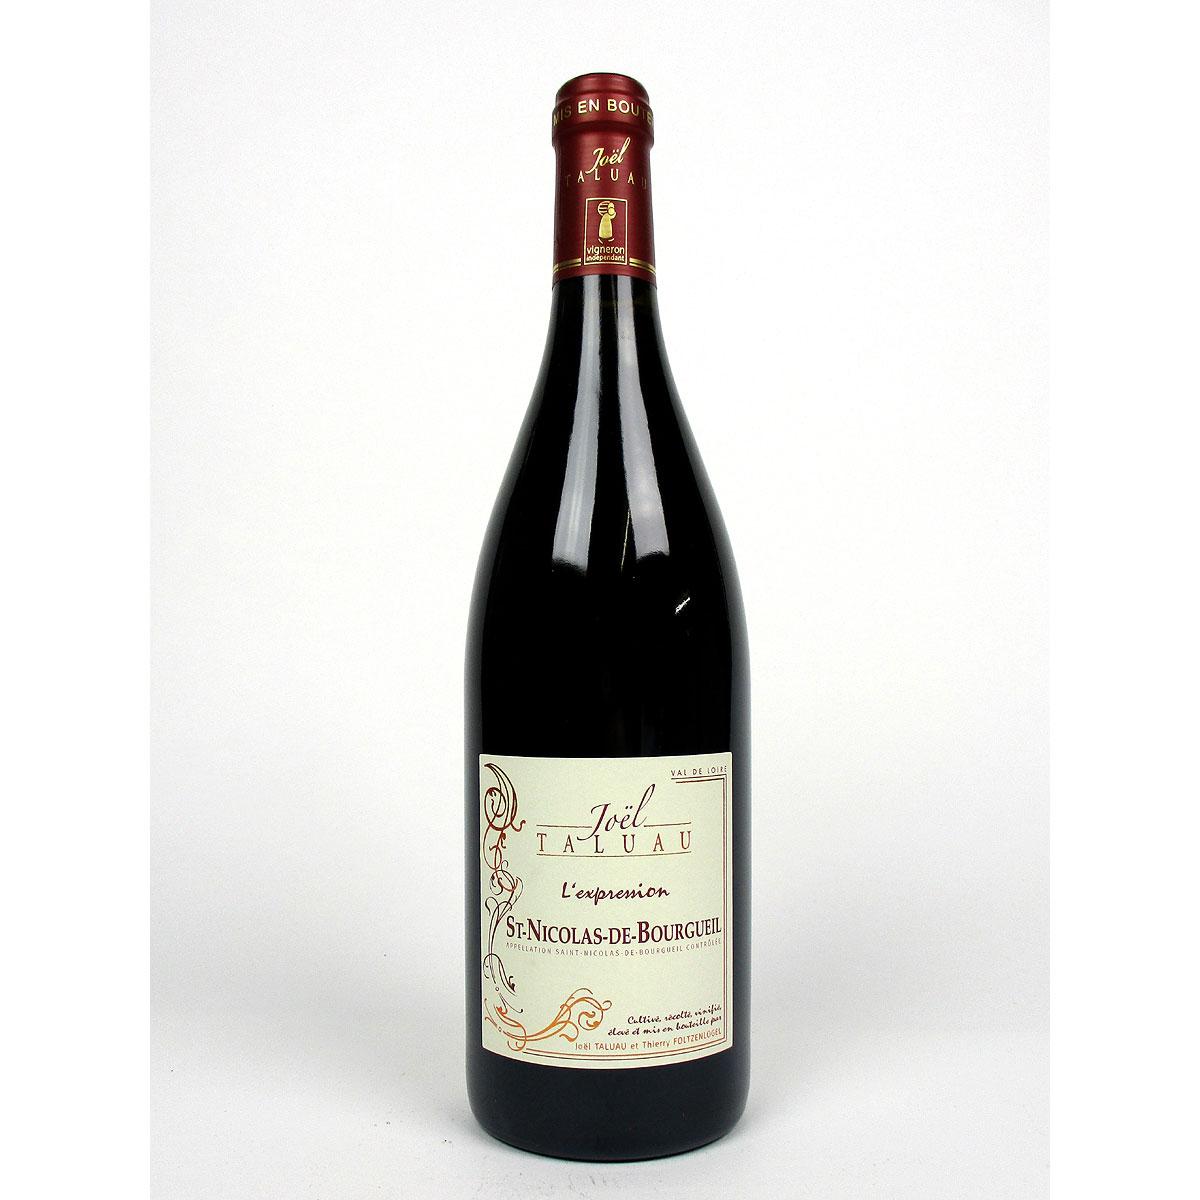 Saint-Nicolas-de-Bourgueil: Domaine Taluau - Foltzenlogel 'l'Expression' 2019 - Bottle